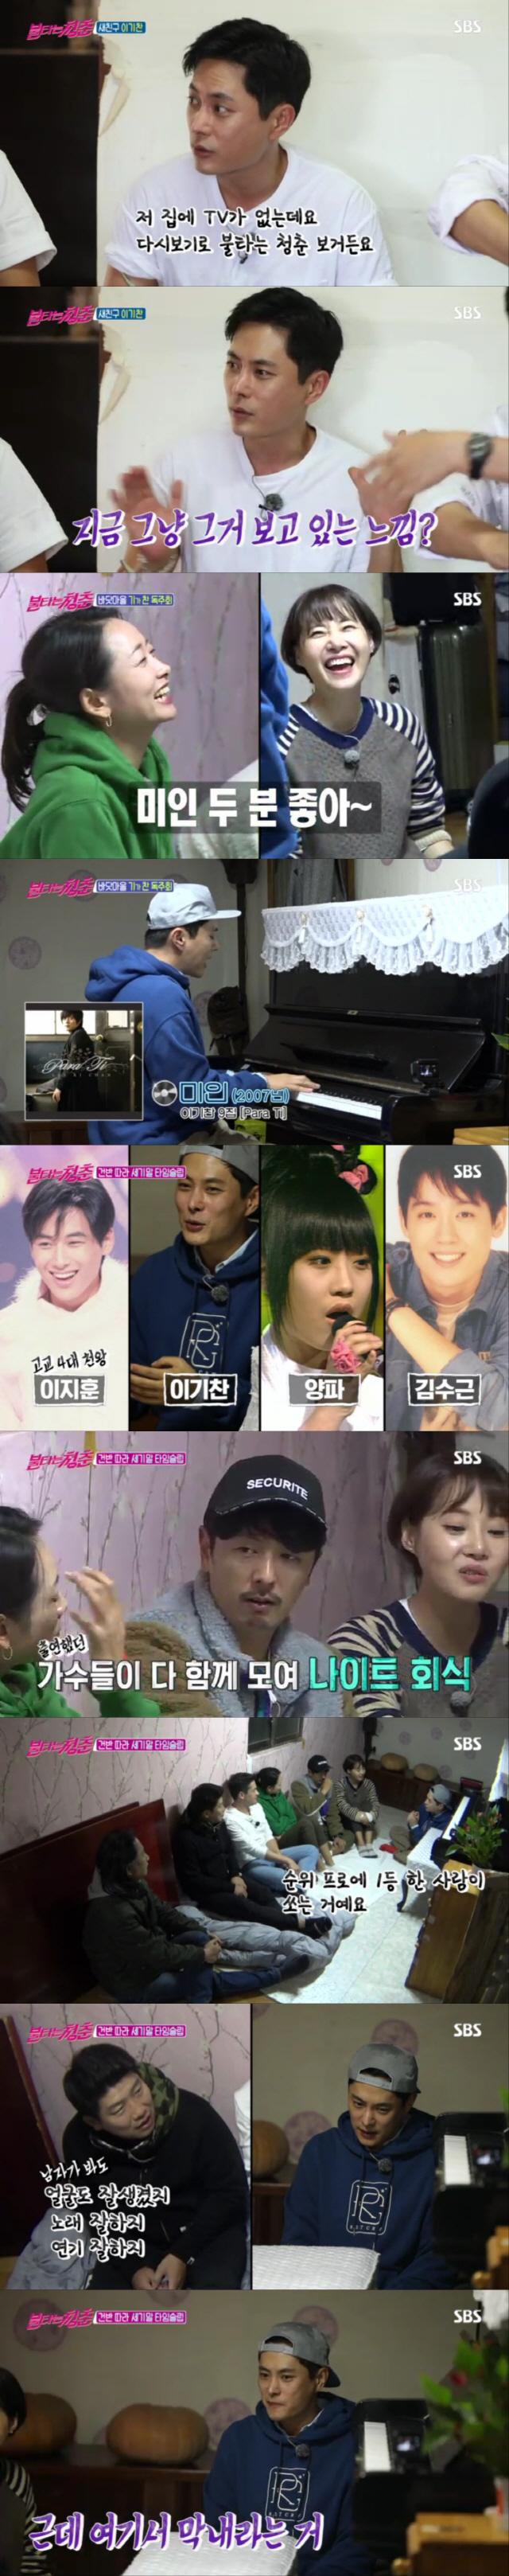 '불청' 김윤정x최민용, 무늬오징어 월척…'즉석회x라면' 바다위 최고의 호사